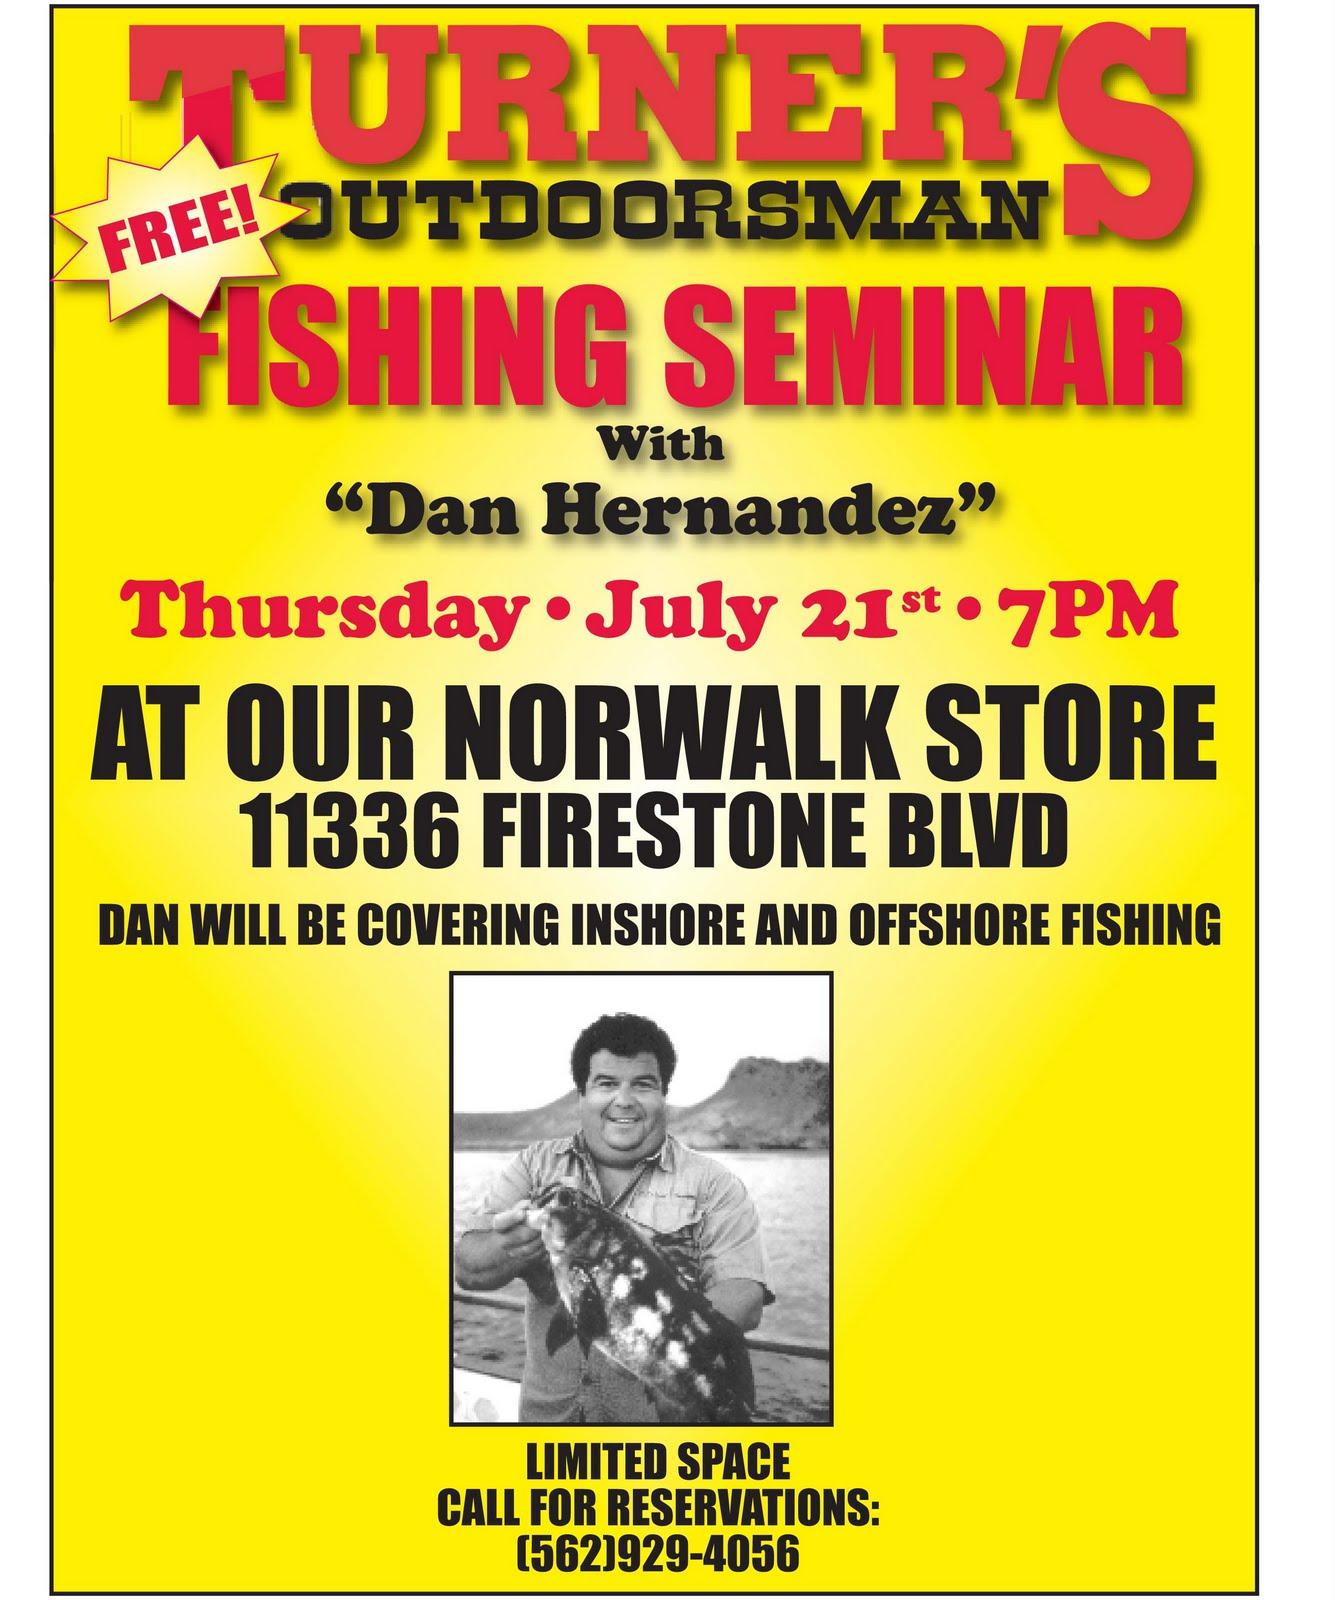 Dan 39 s journal free fishing seminar tomorrow night in norwalk for Sport fishing with dan hernandez